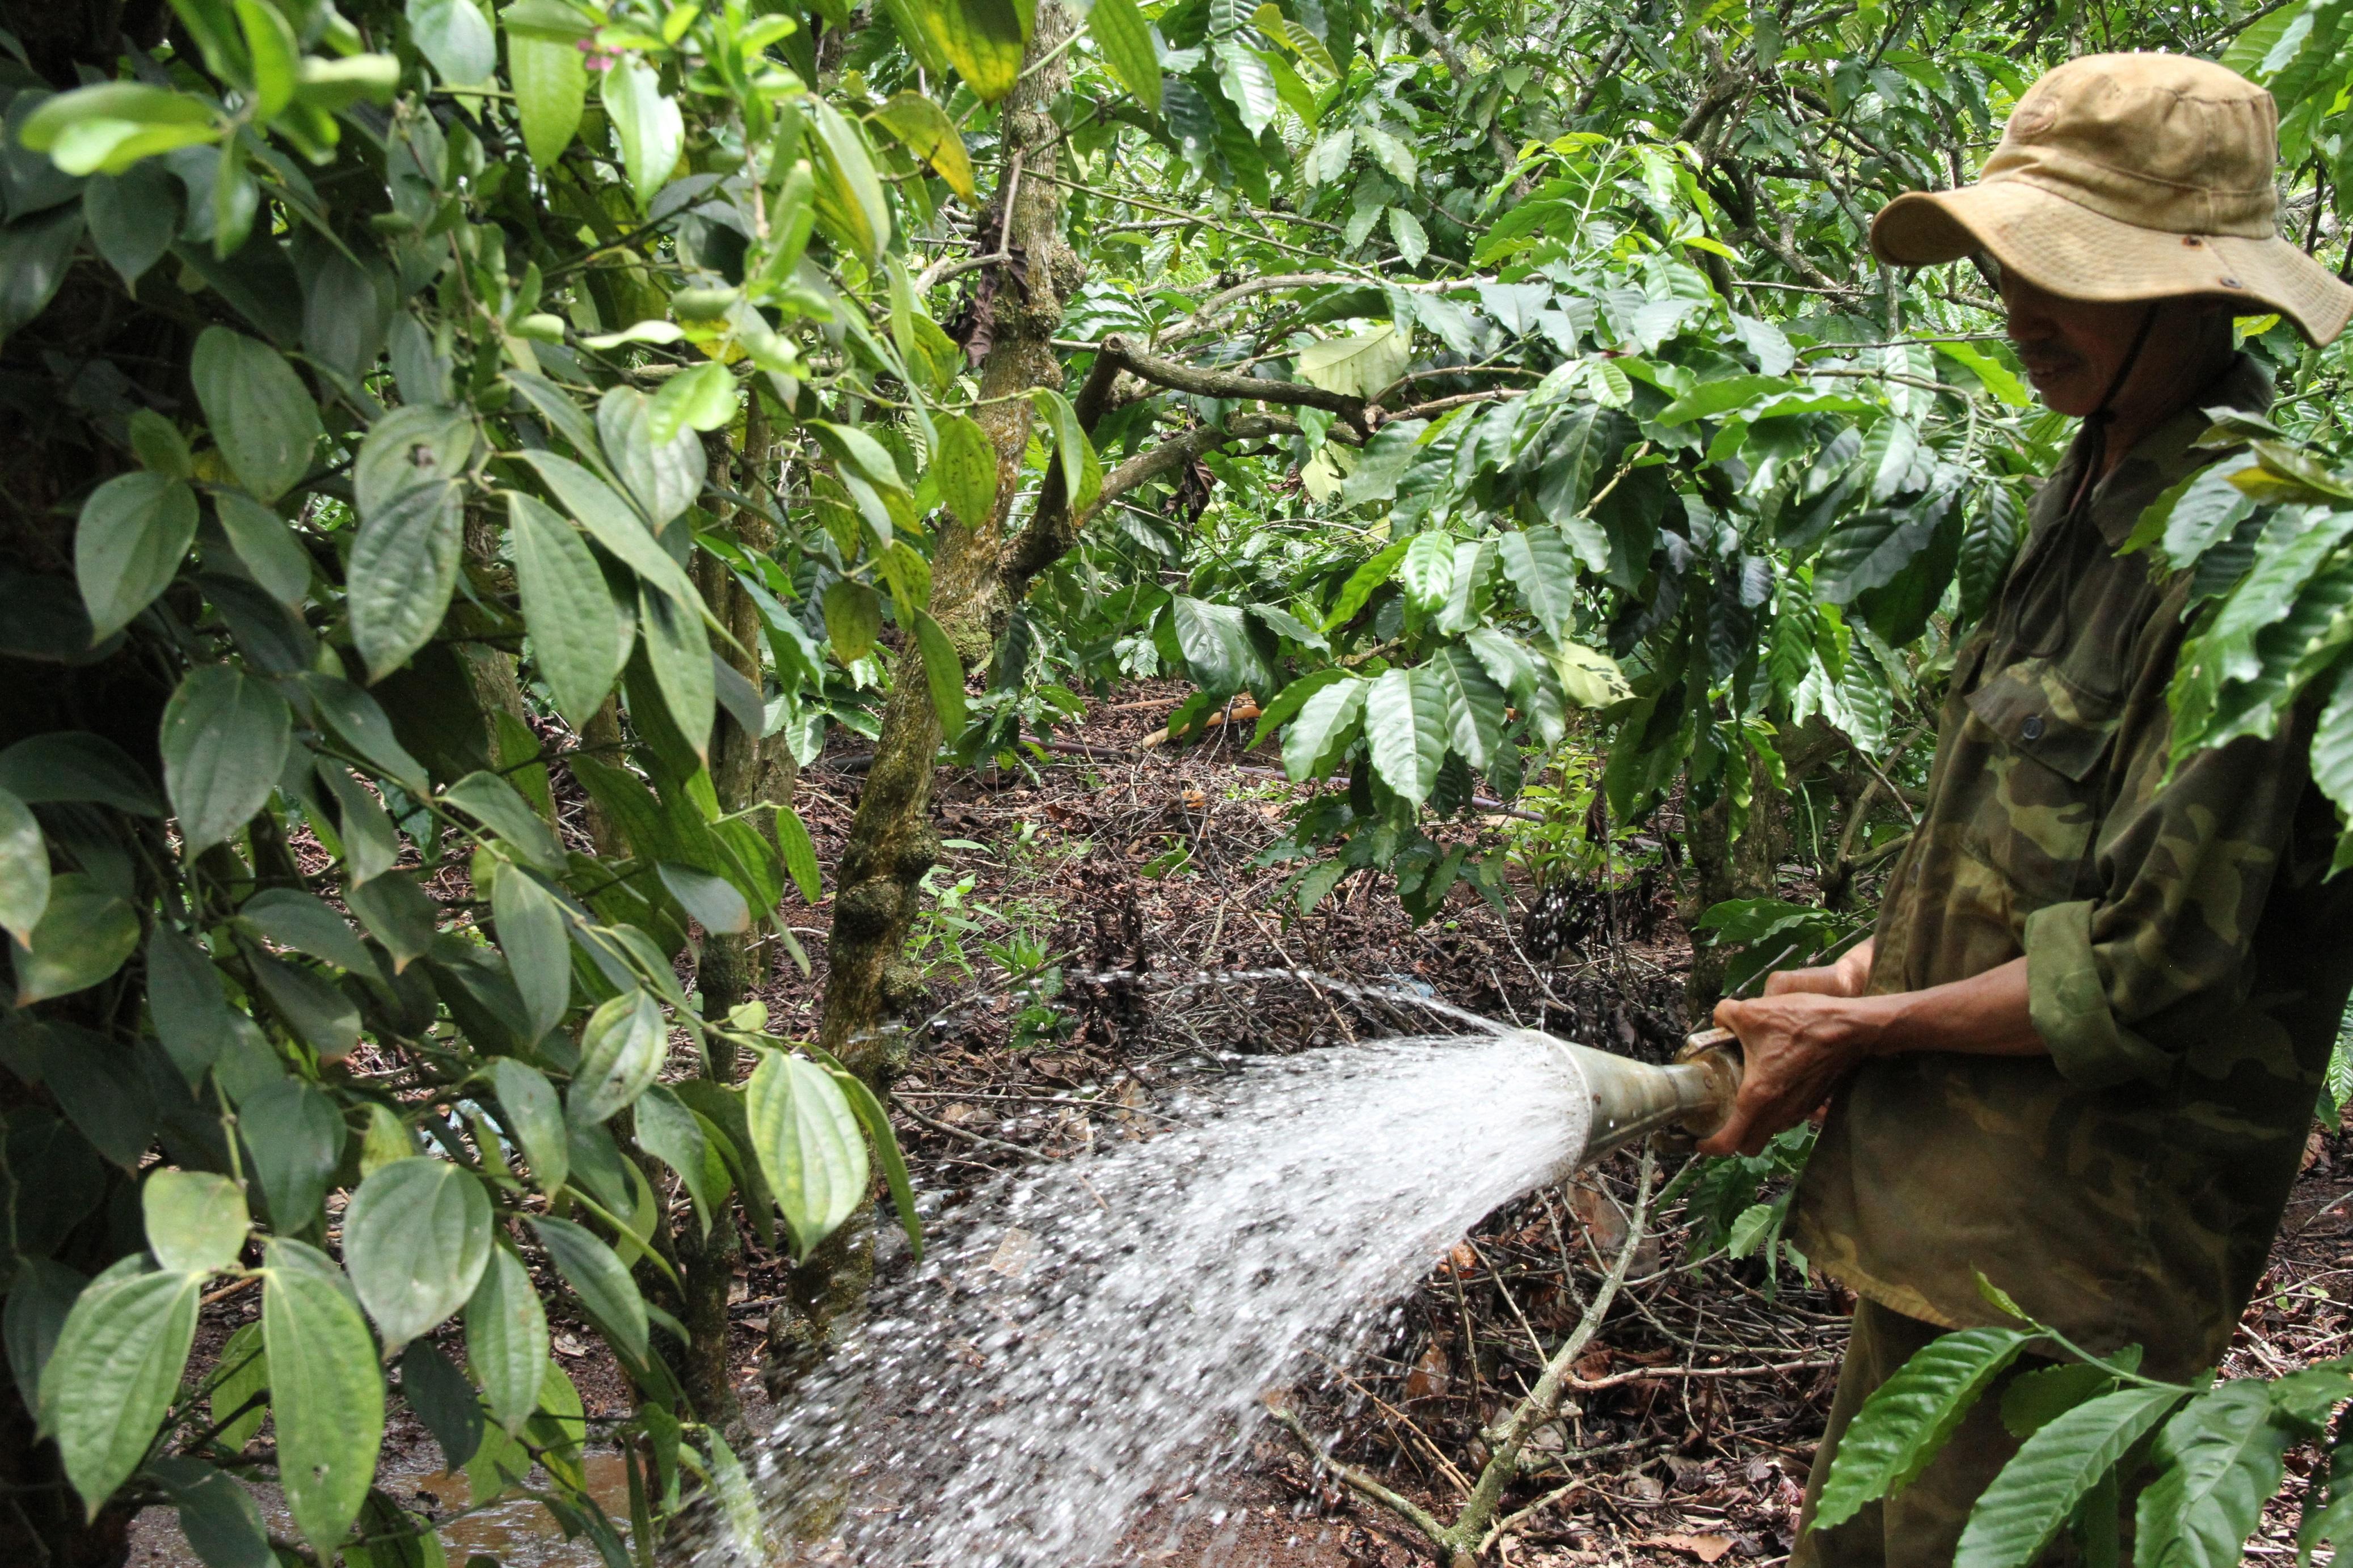 Nông dân Tây Nguyên tưới cà phê kịp thời vụ